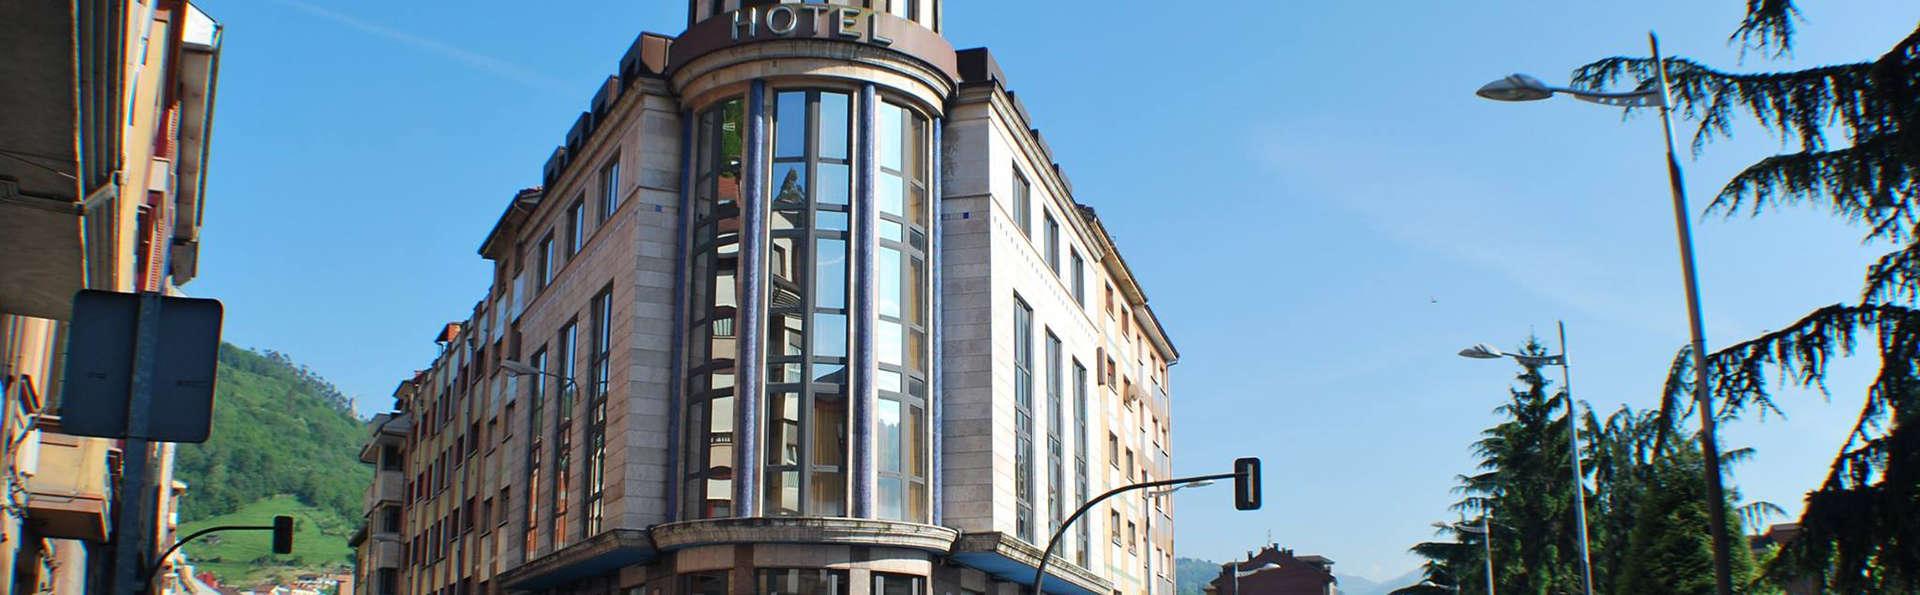 Hotel Mieres del Camino - EDIT_front.jpg